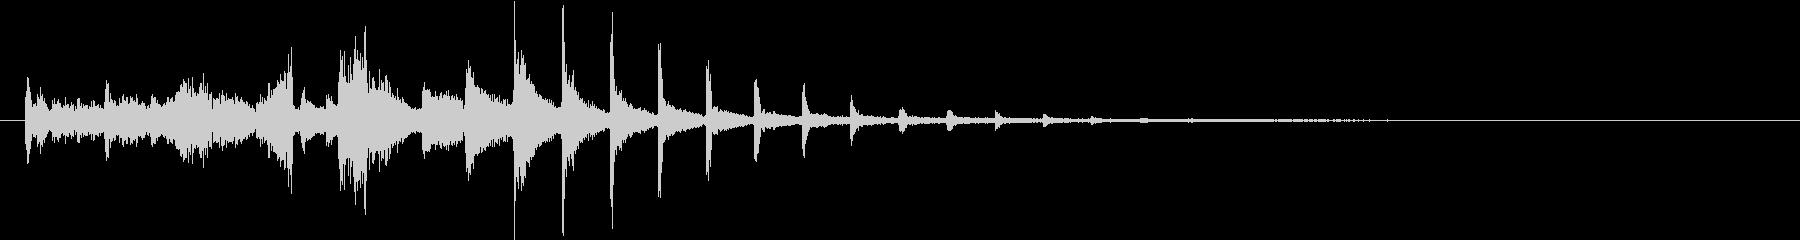 【ゲーム・アプリ】SFX_02 機械の未再生の波形